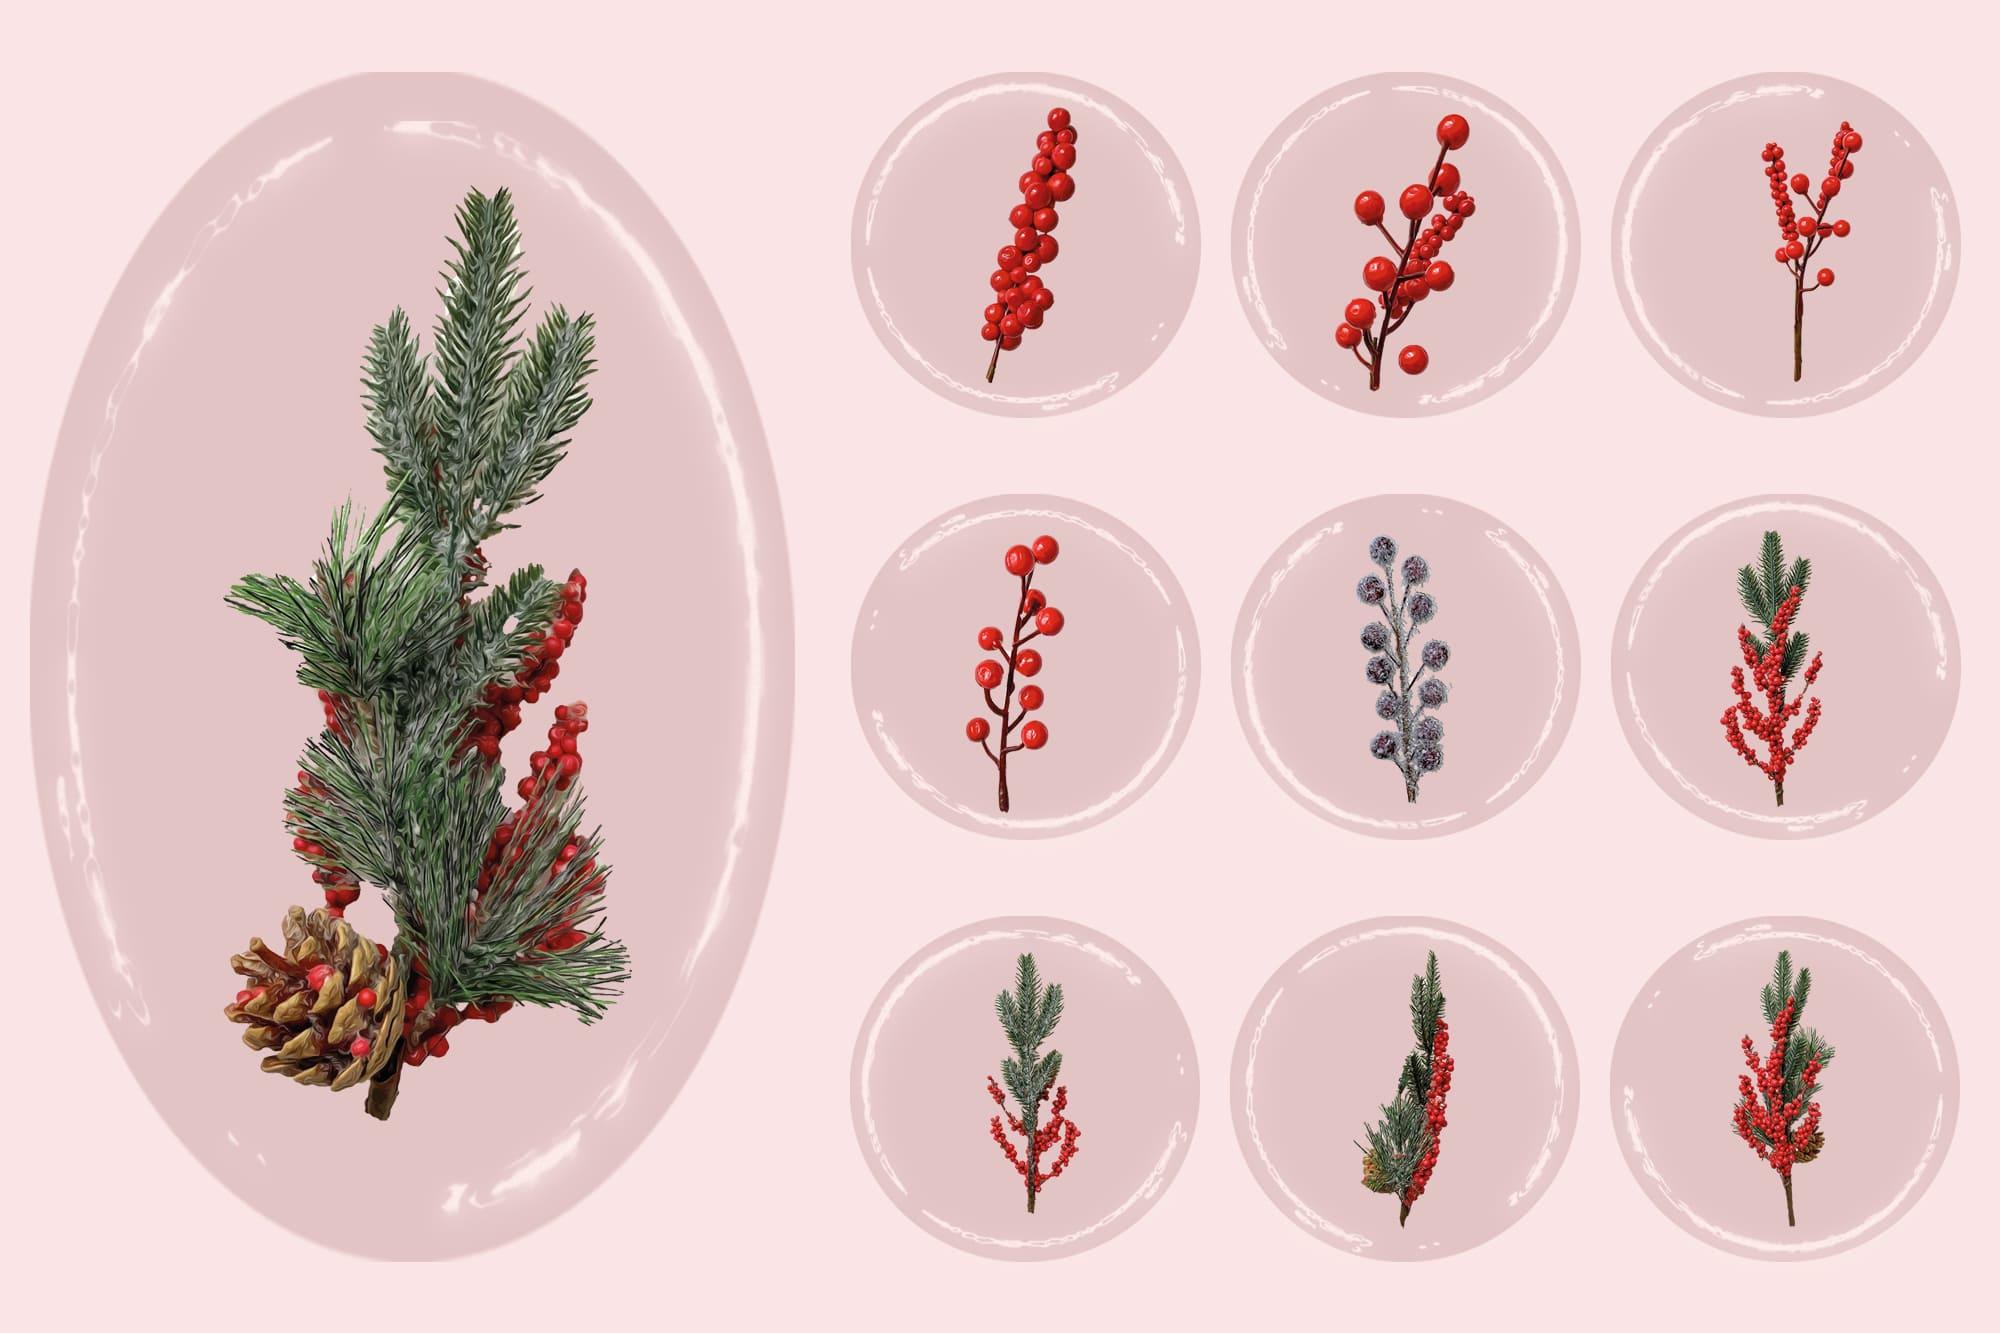 496 Christmas Illustrations: Christmas Vectors Bundle SVG, EPS, AI - Merry Christmas 3c